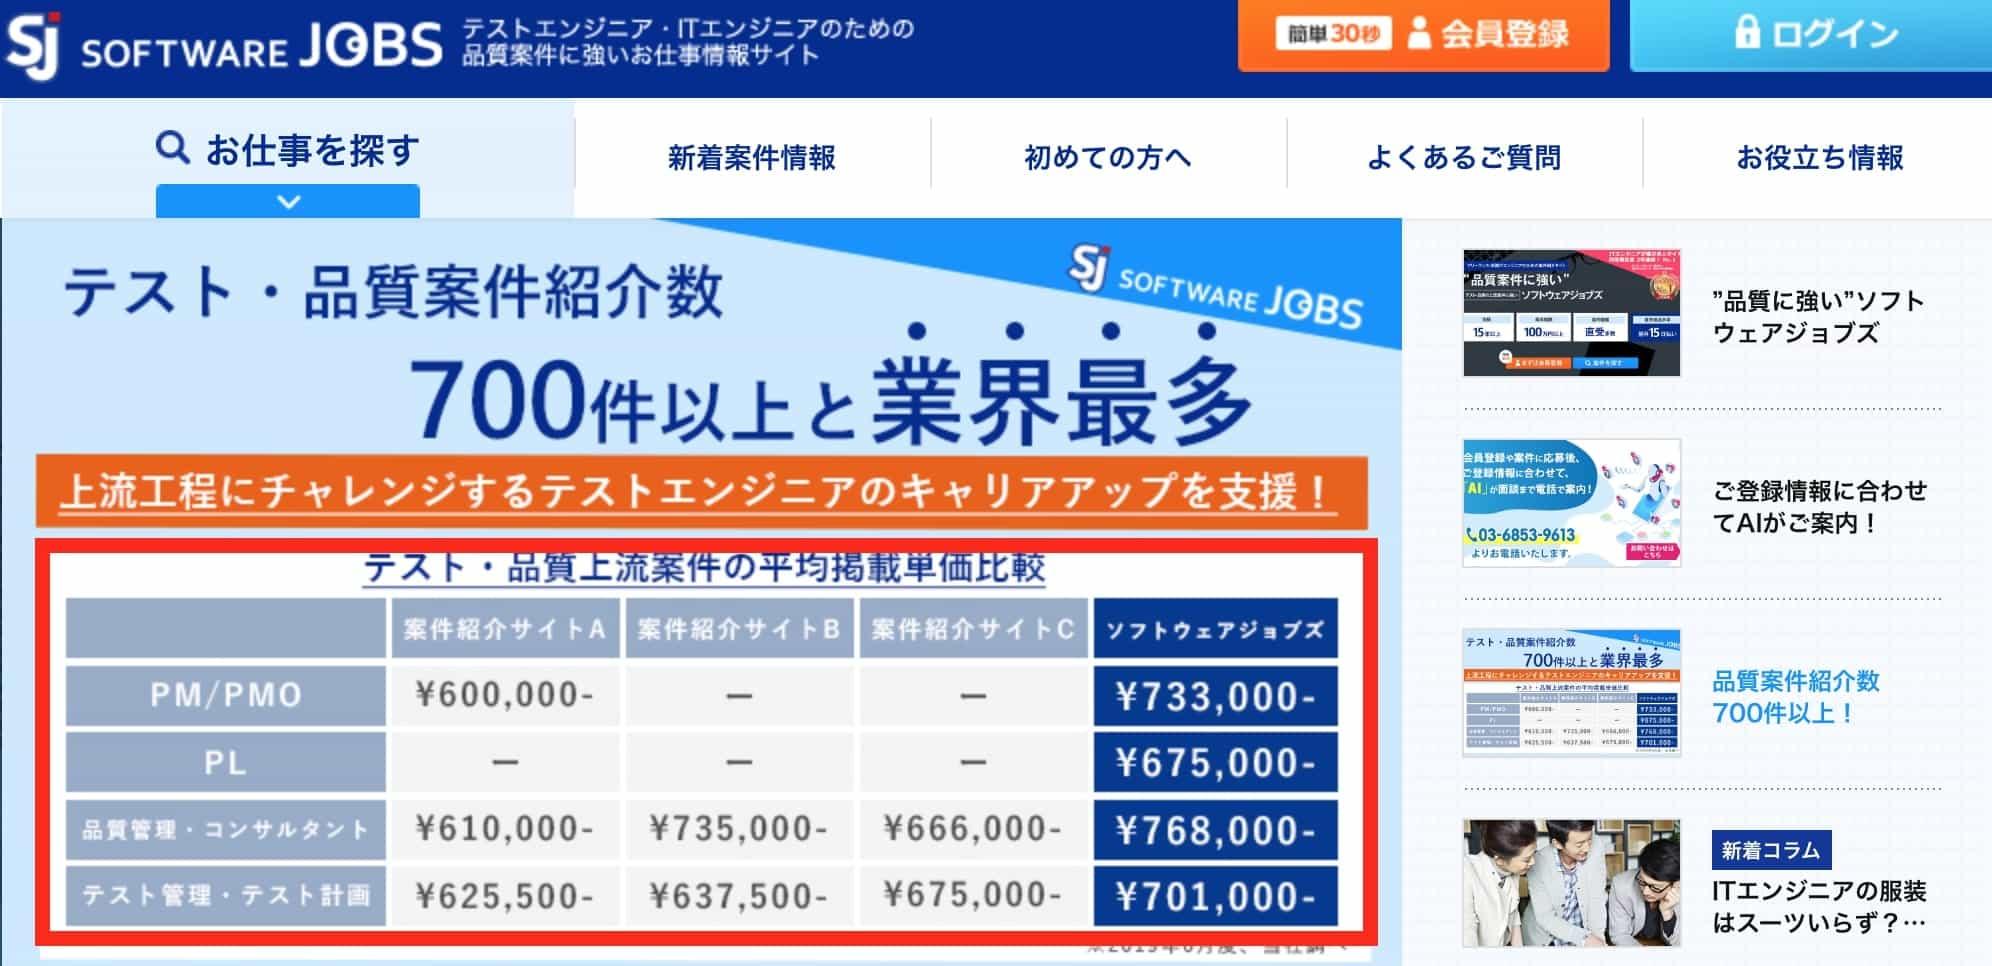 実績15年・最高報酬100万円以上